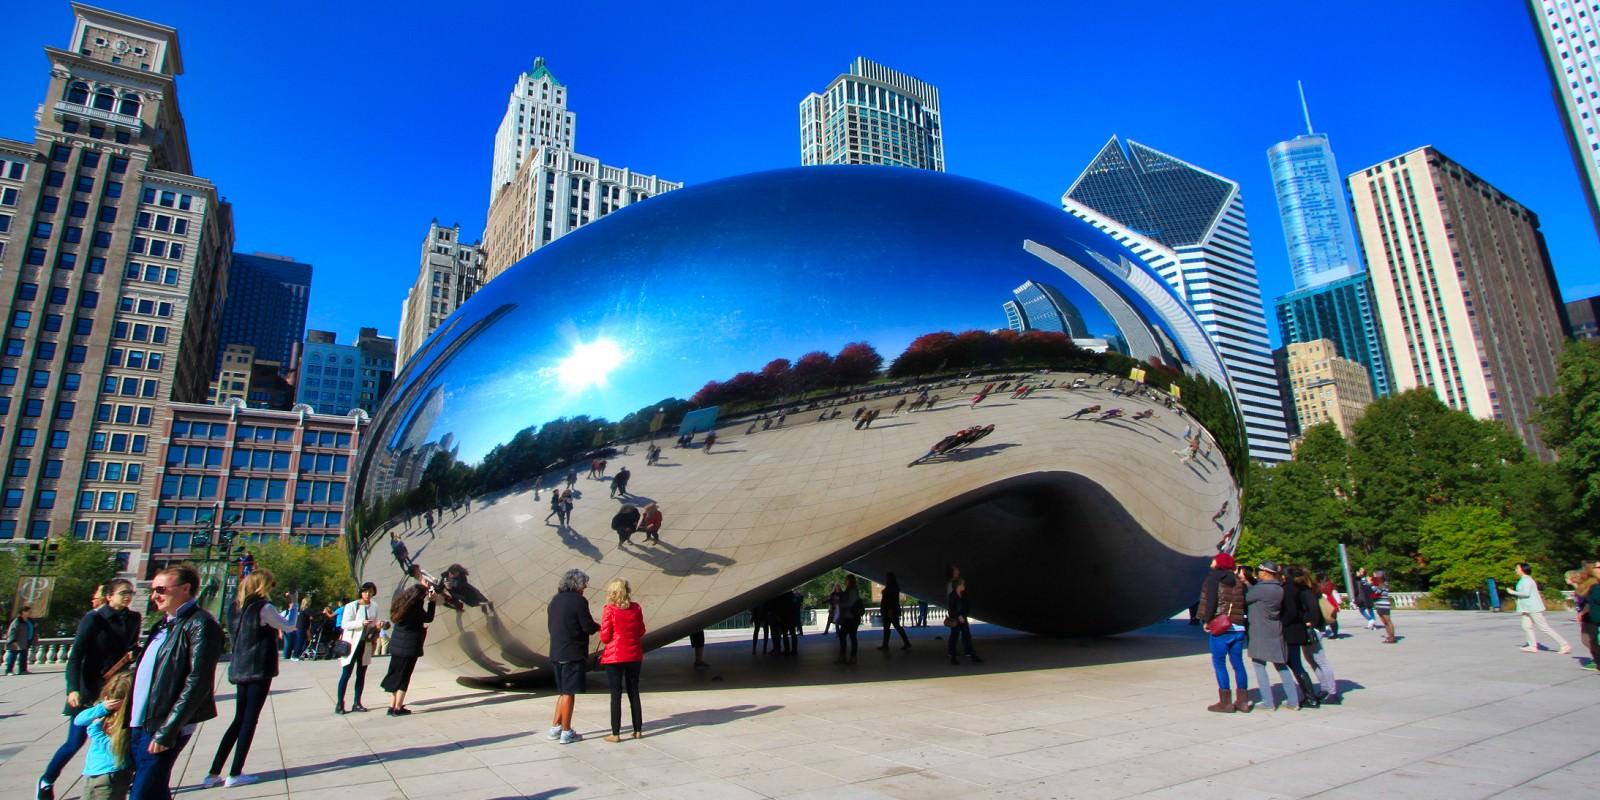 美國芝加哥7天4夜行程懶人包